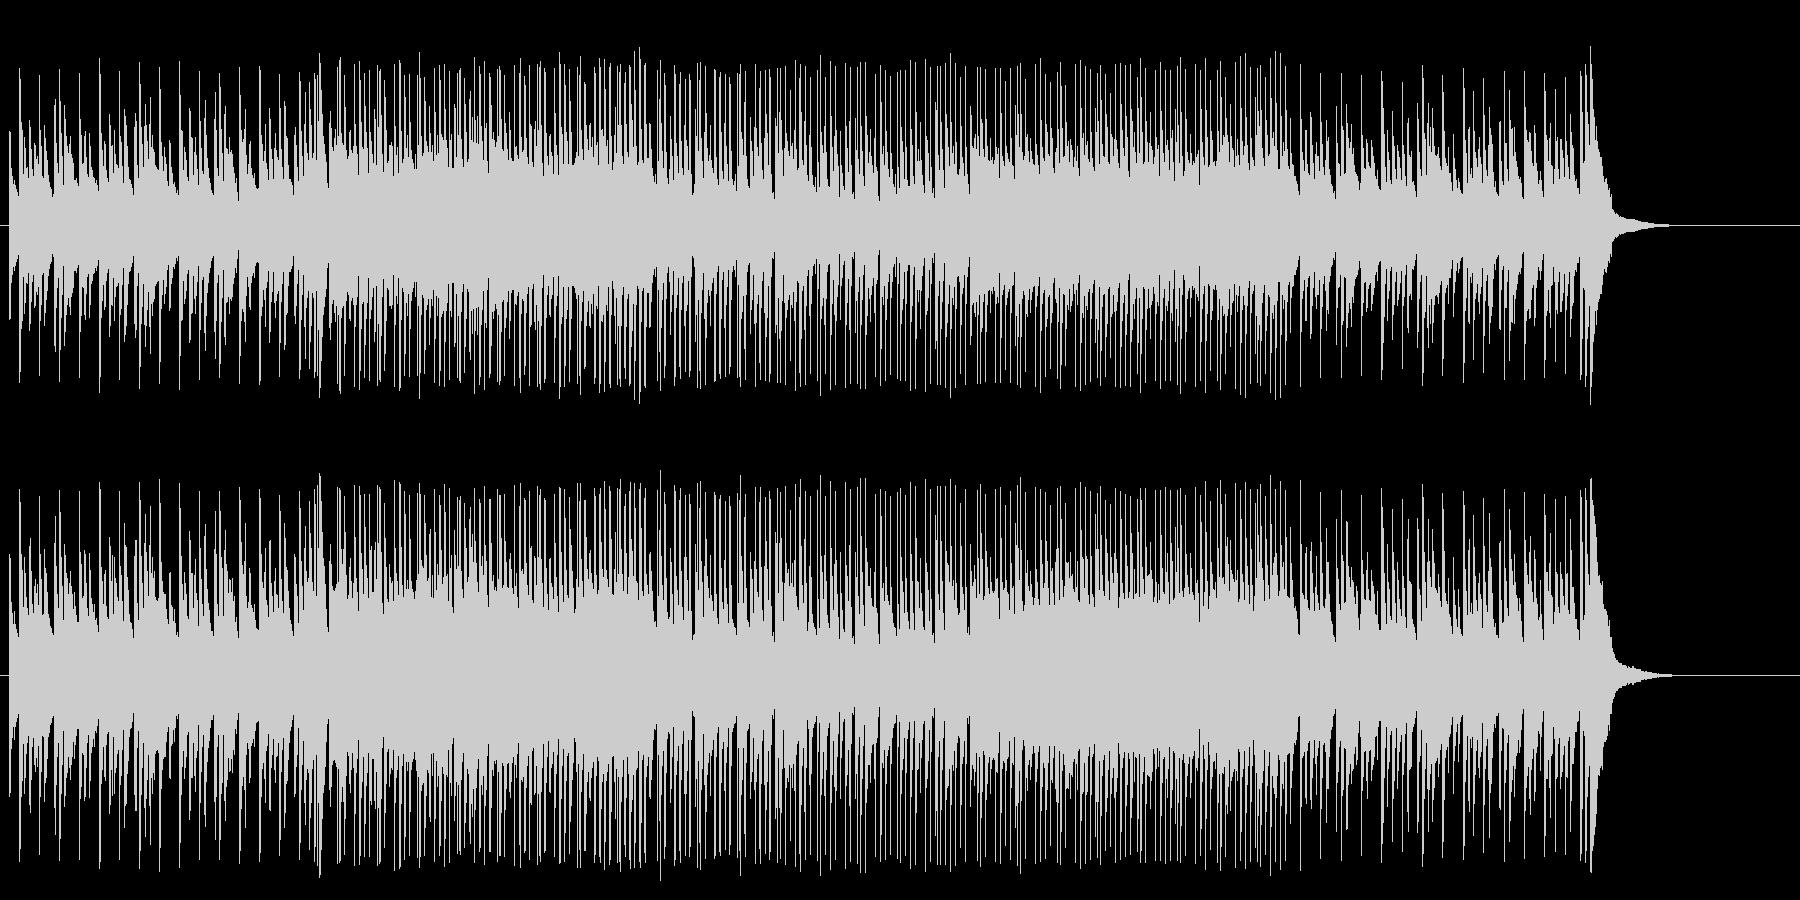 無機質なテクノポップの未再生の波形